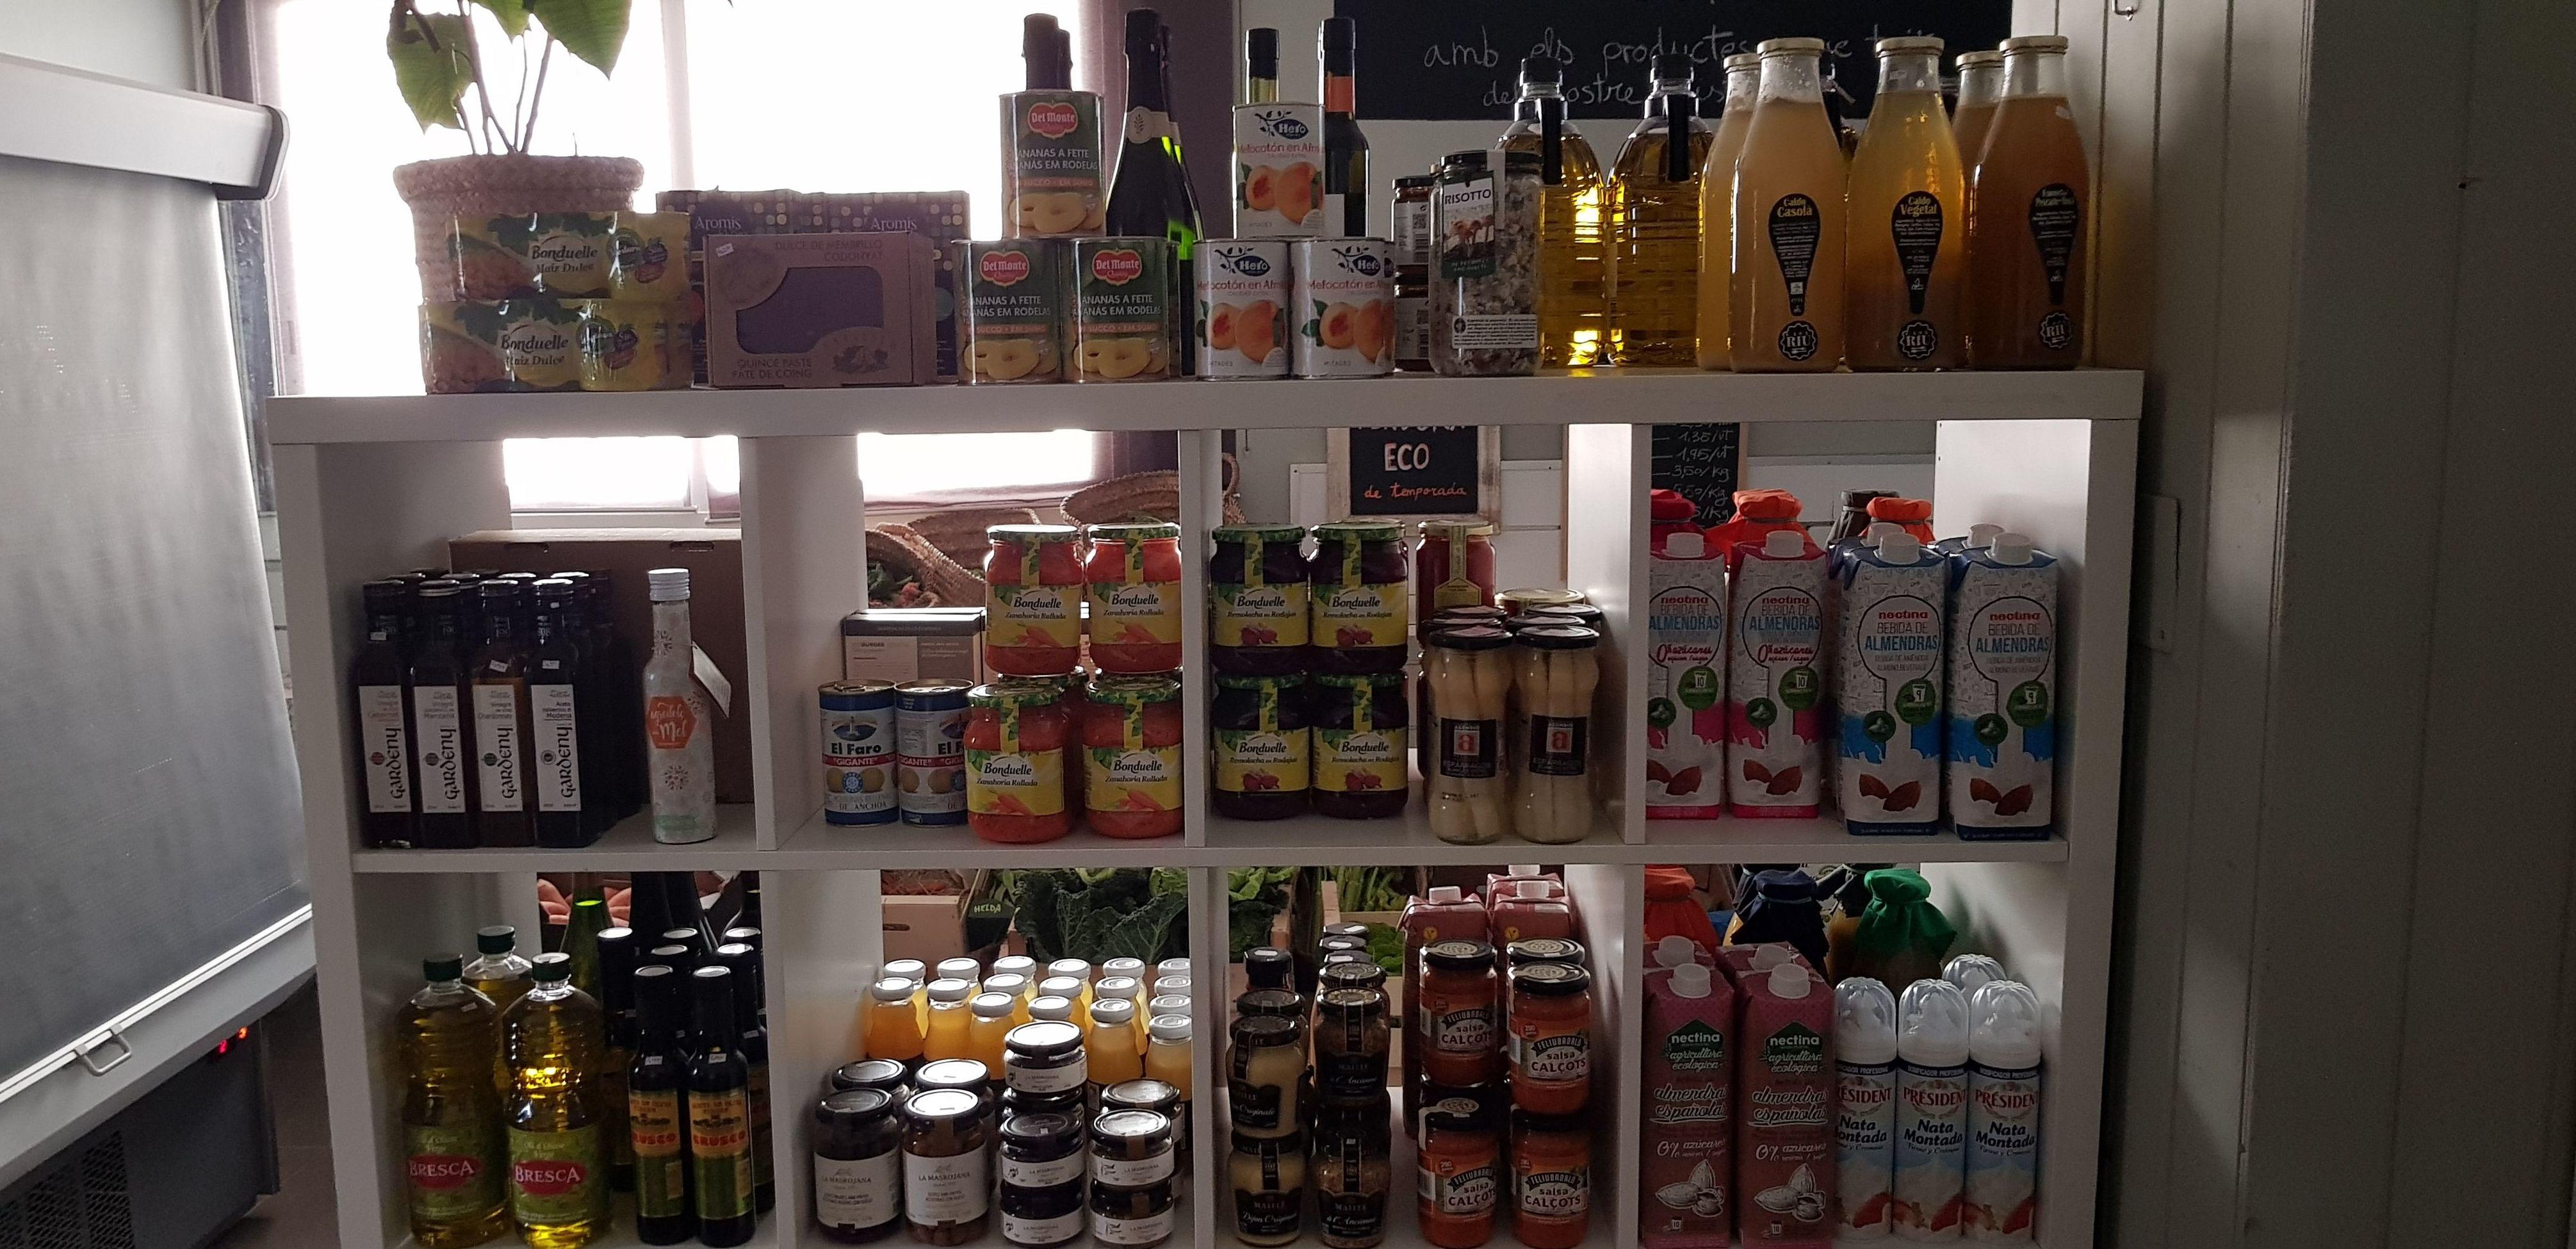 Foto 34 de Tienda de alimentos ecológicos en  | Gust i Colors